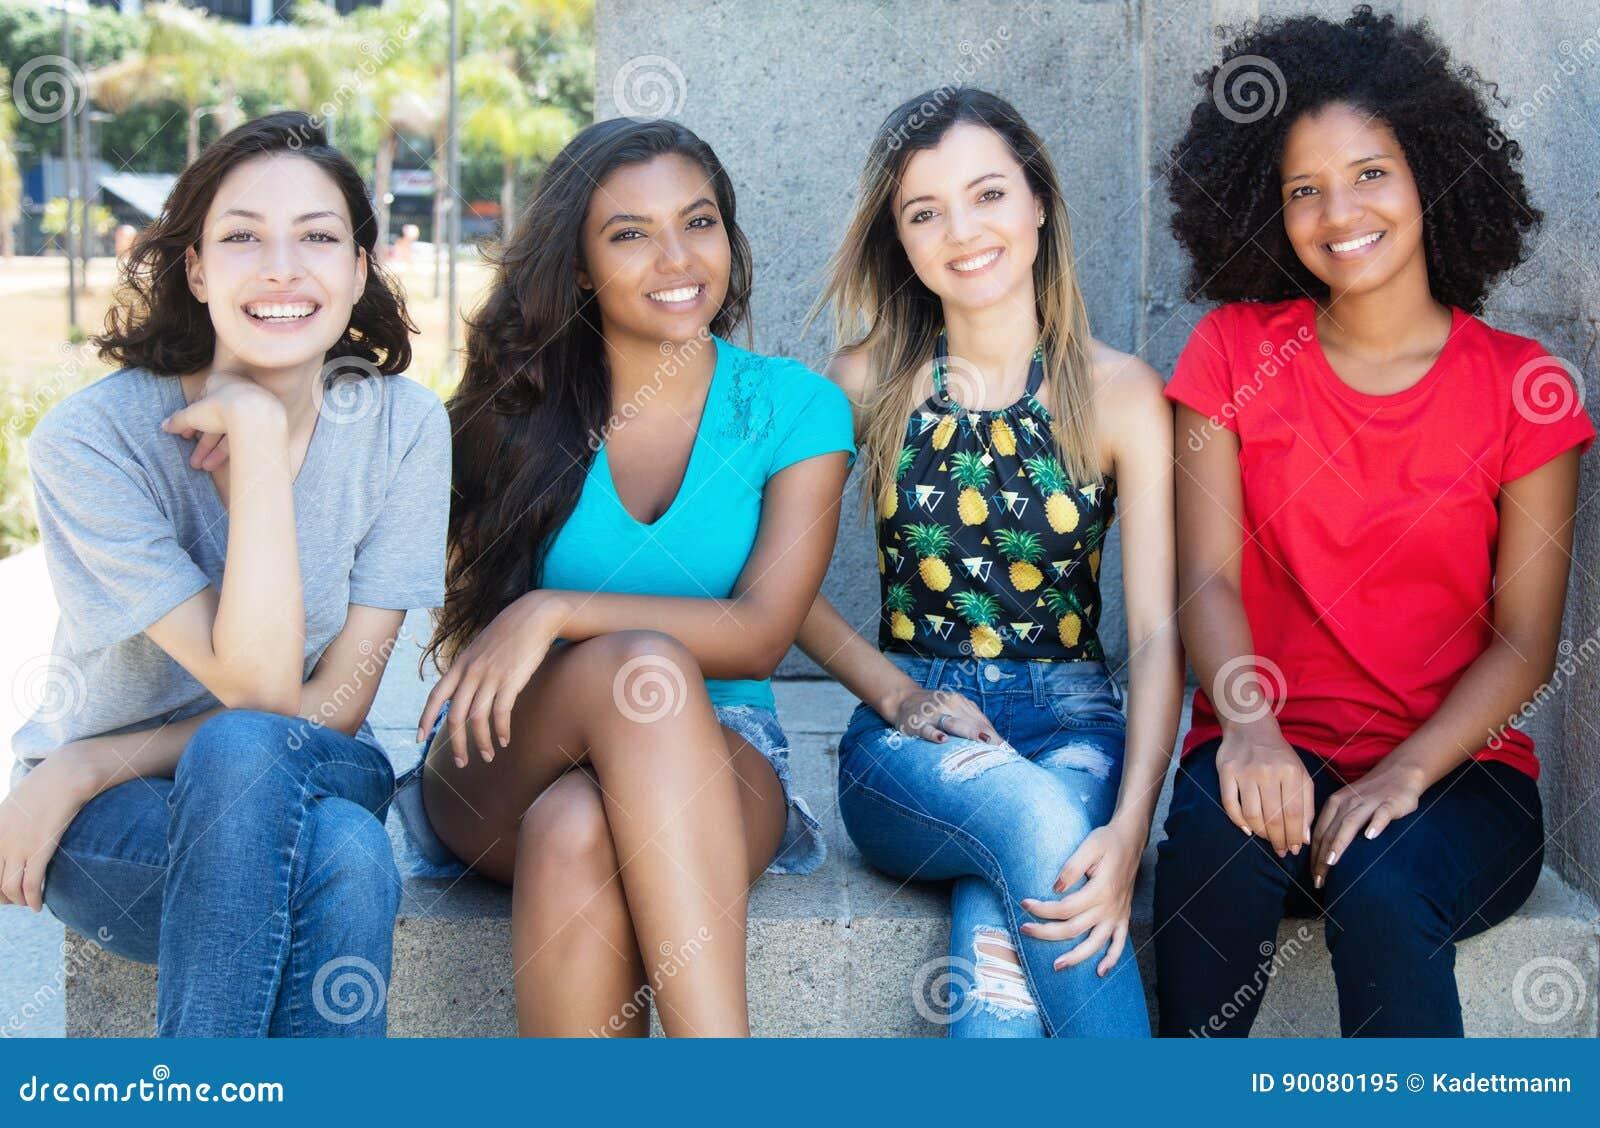 小组有年轻的非裔美国人的拉丁和白种人女孩